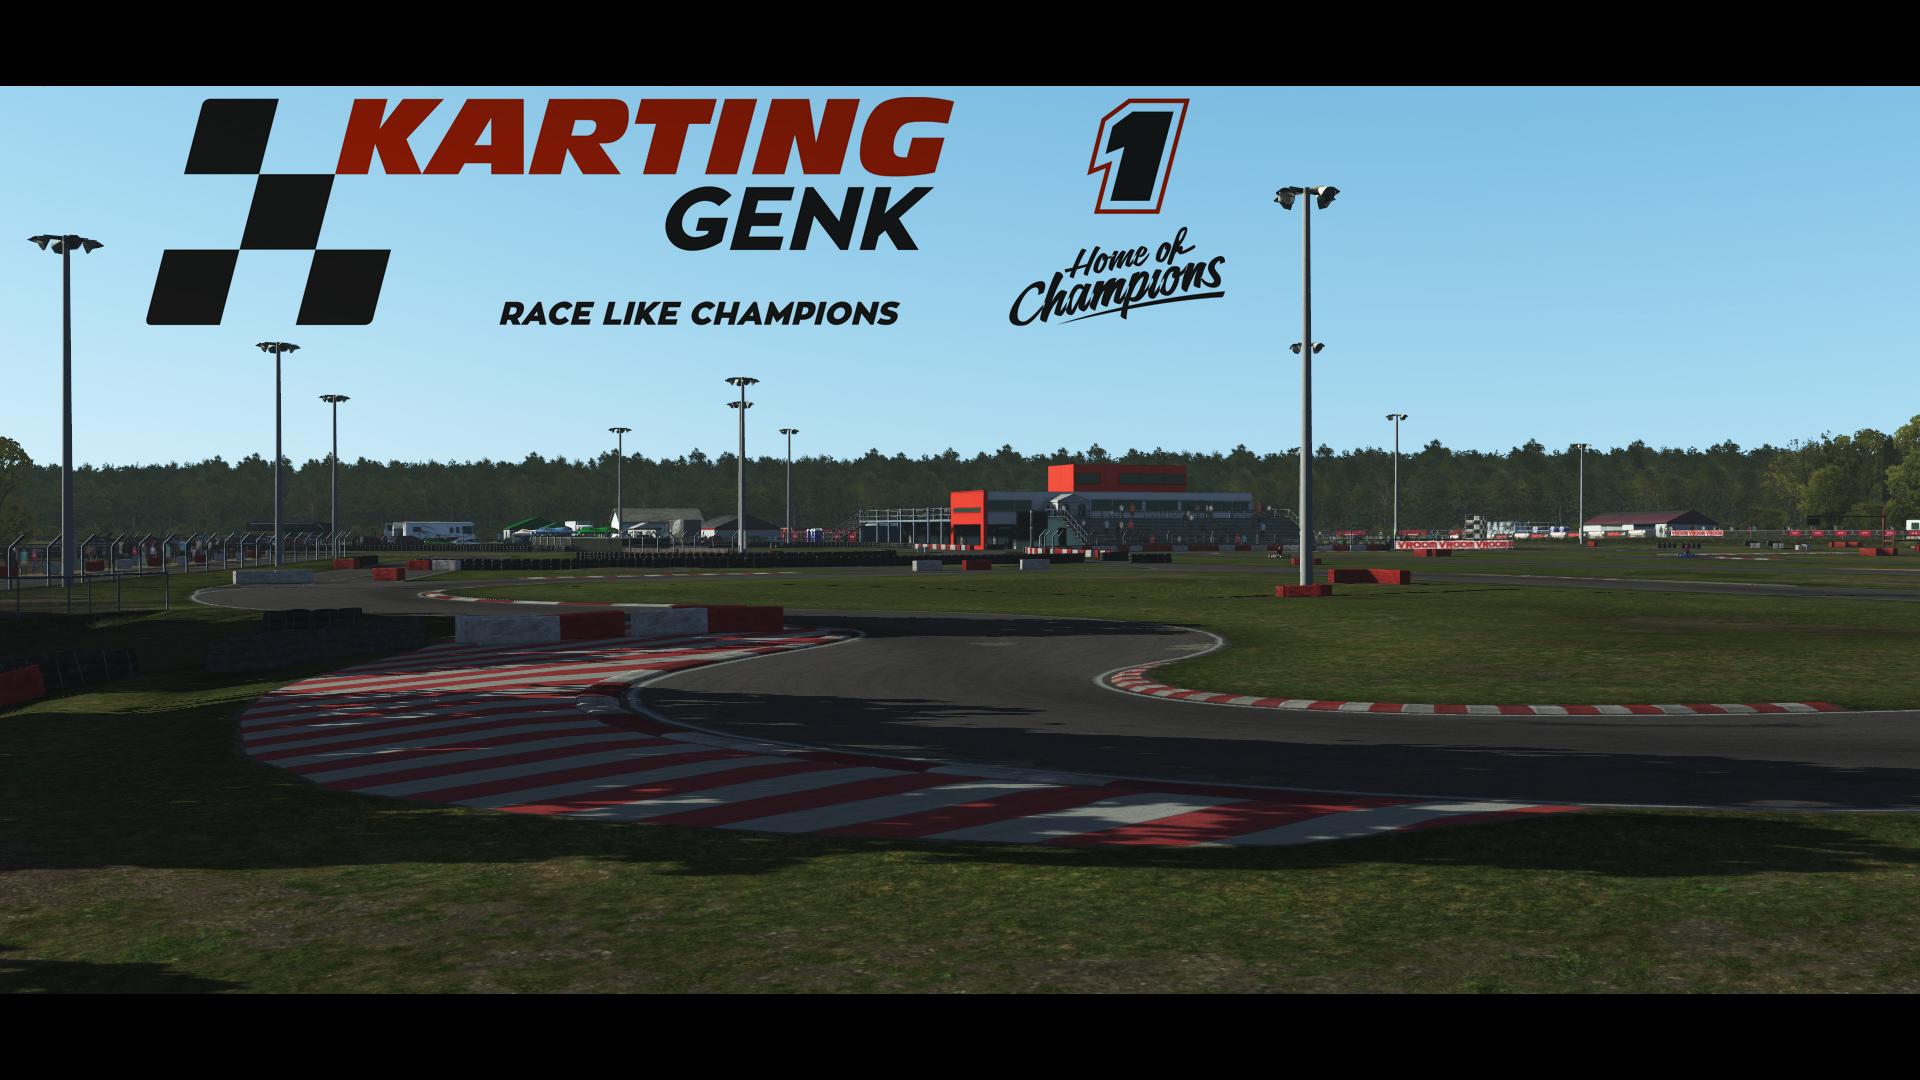 Genk_Karting.jpg